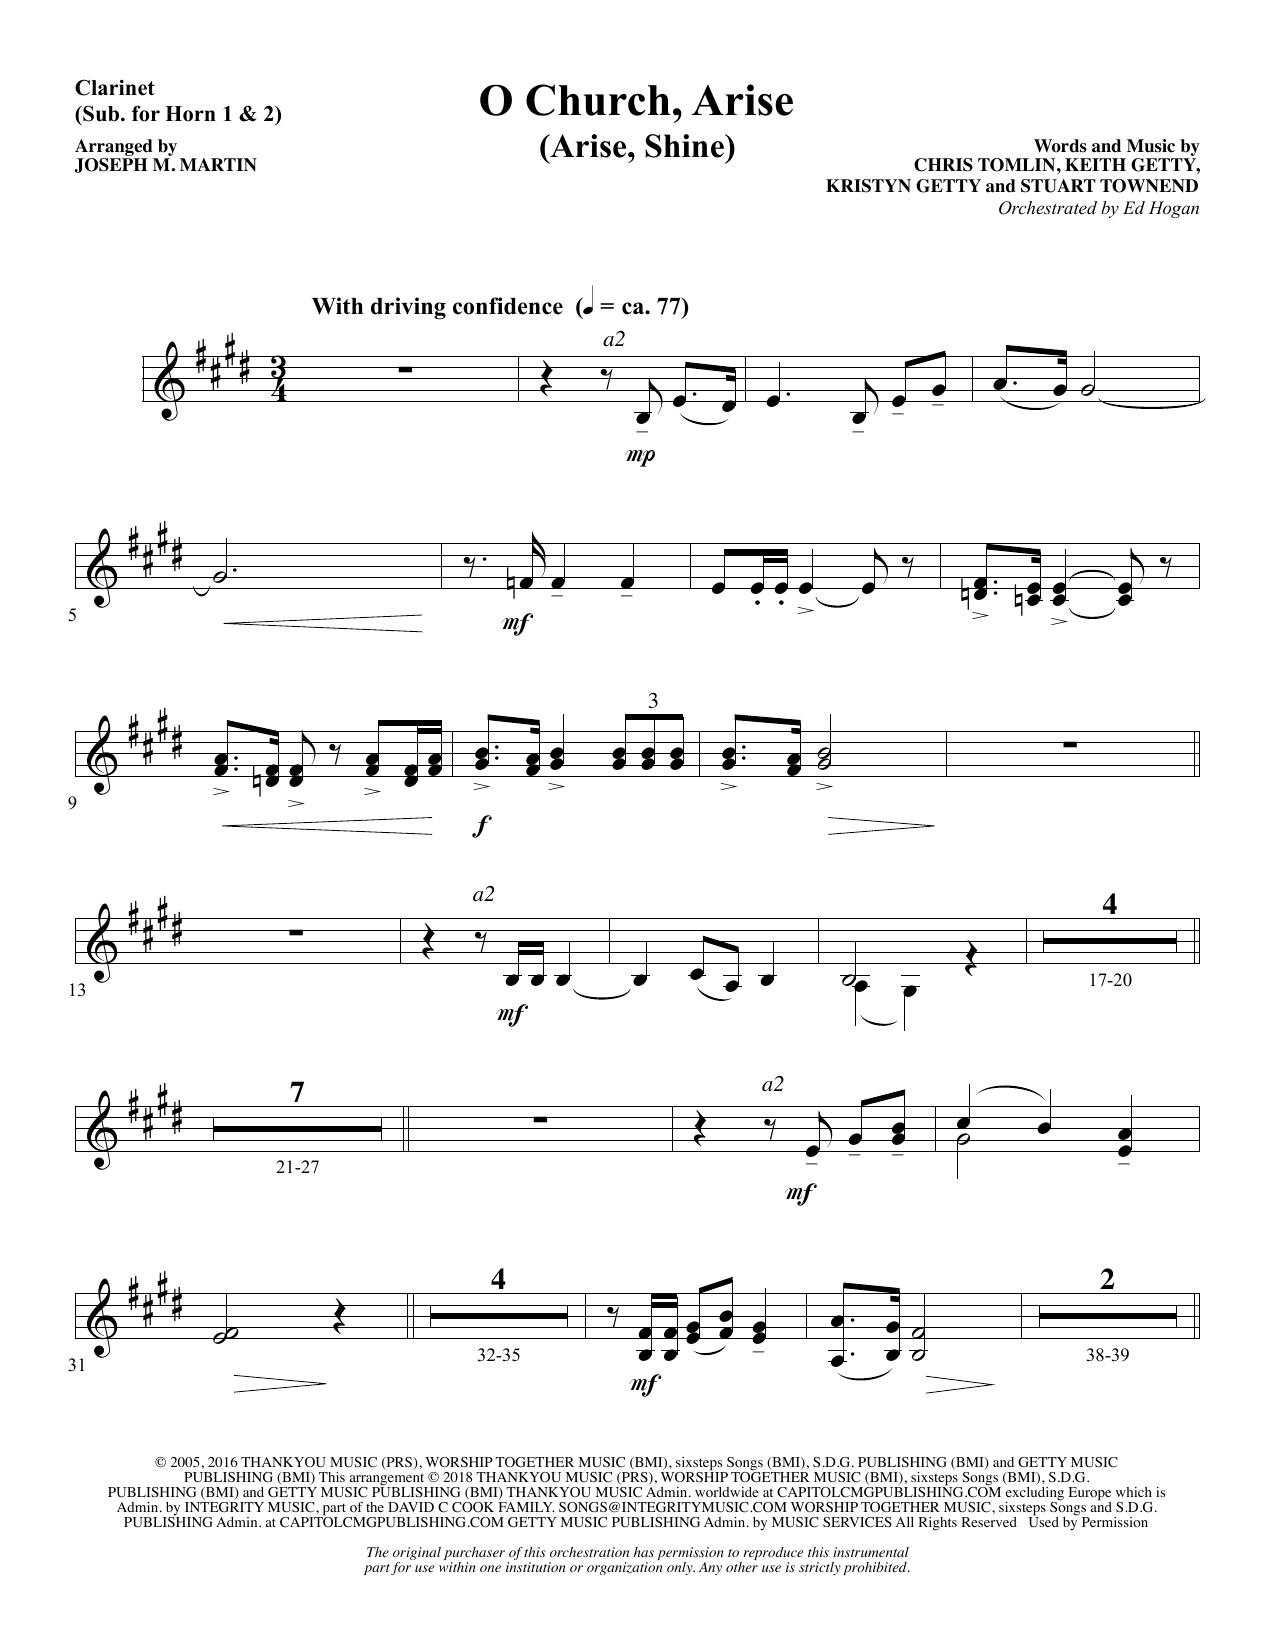 O Church, Arise (Arise, Shine) - Clarinet (sub. Horn 1-2) (Choir Instrumental Pak)